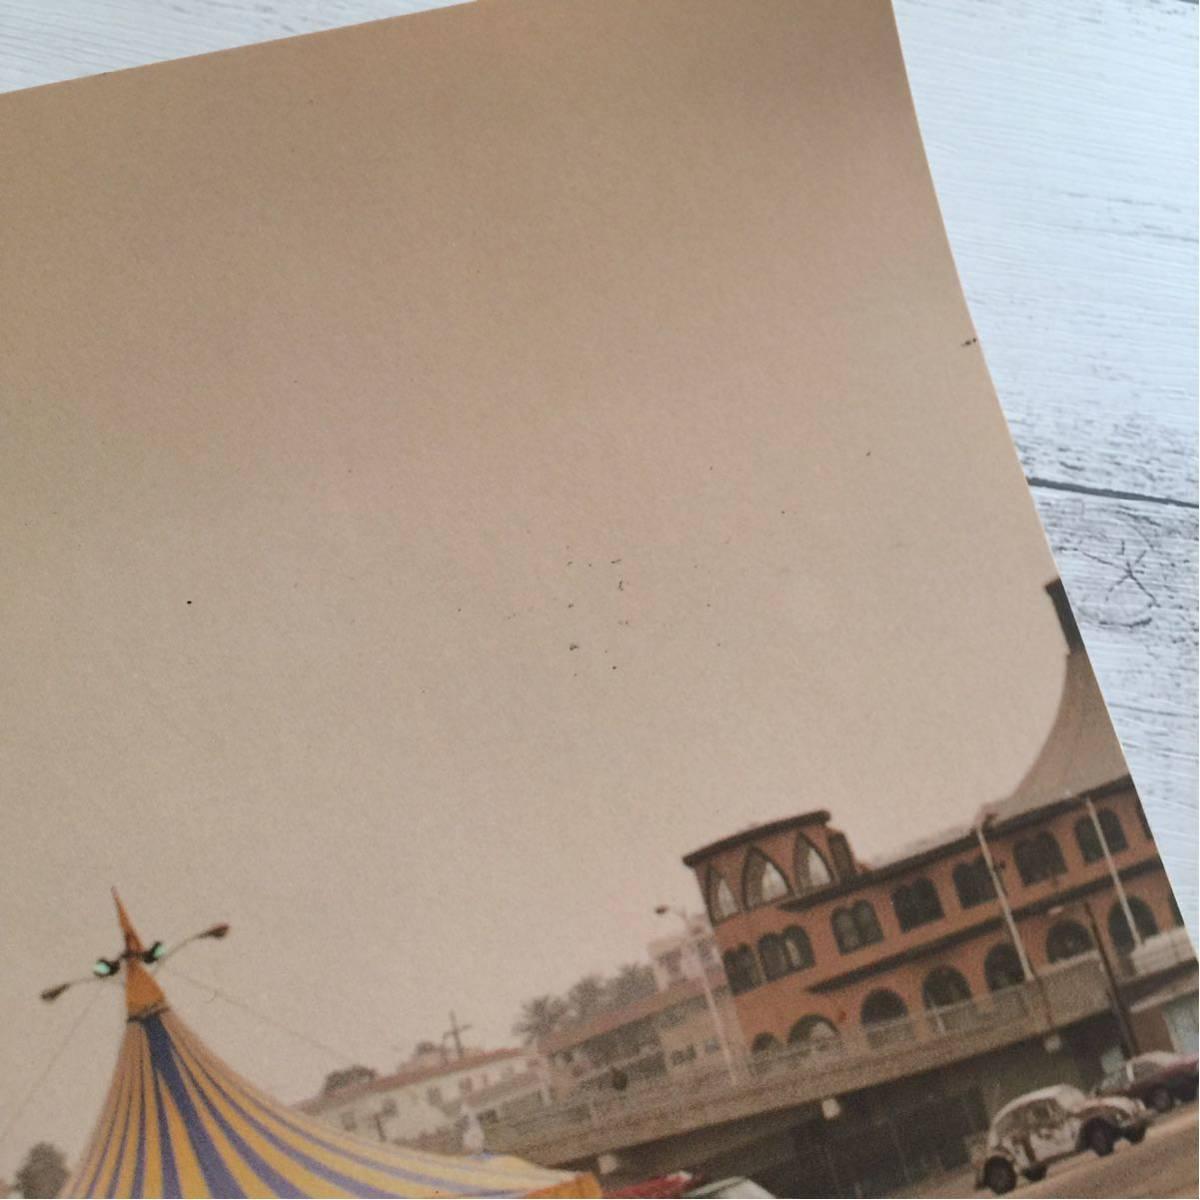 【中古】ESQUIRE エスクァイア 日本版「1960sRevolution」1991年4月 No.7 アンディ・ウォーホル 雑誌 デニスホッパー ヘルズエンジェルズ_画像9